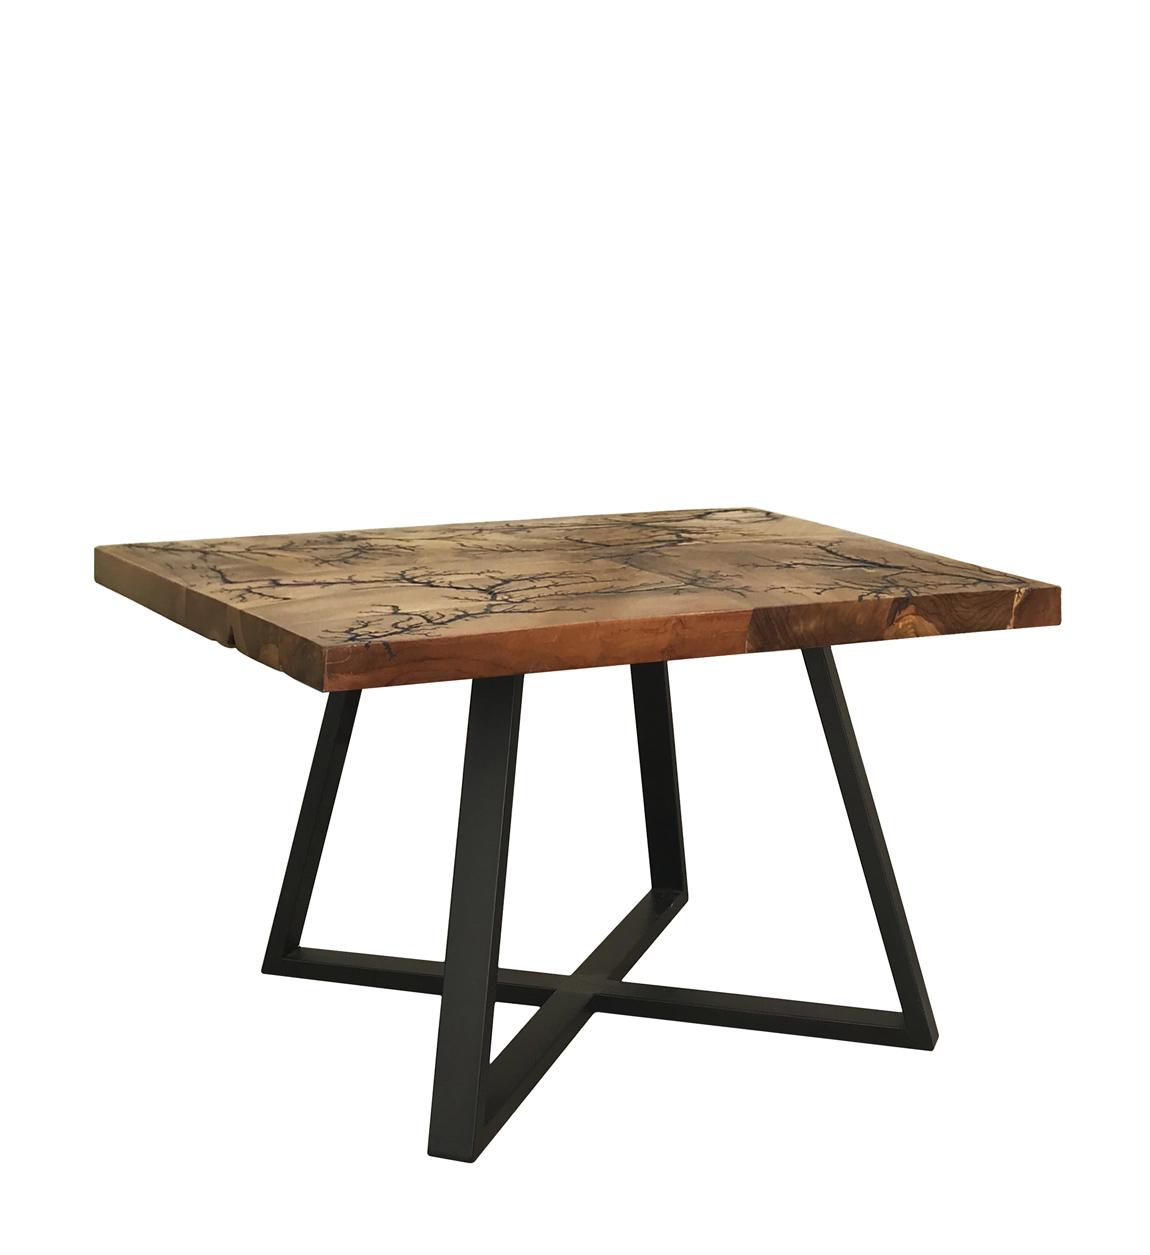 Table basse en bois marron et fer noir L 70 cm